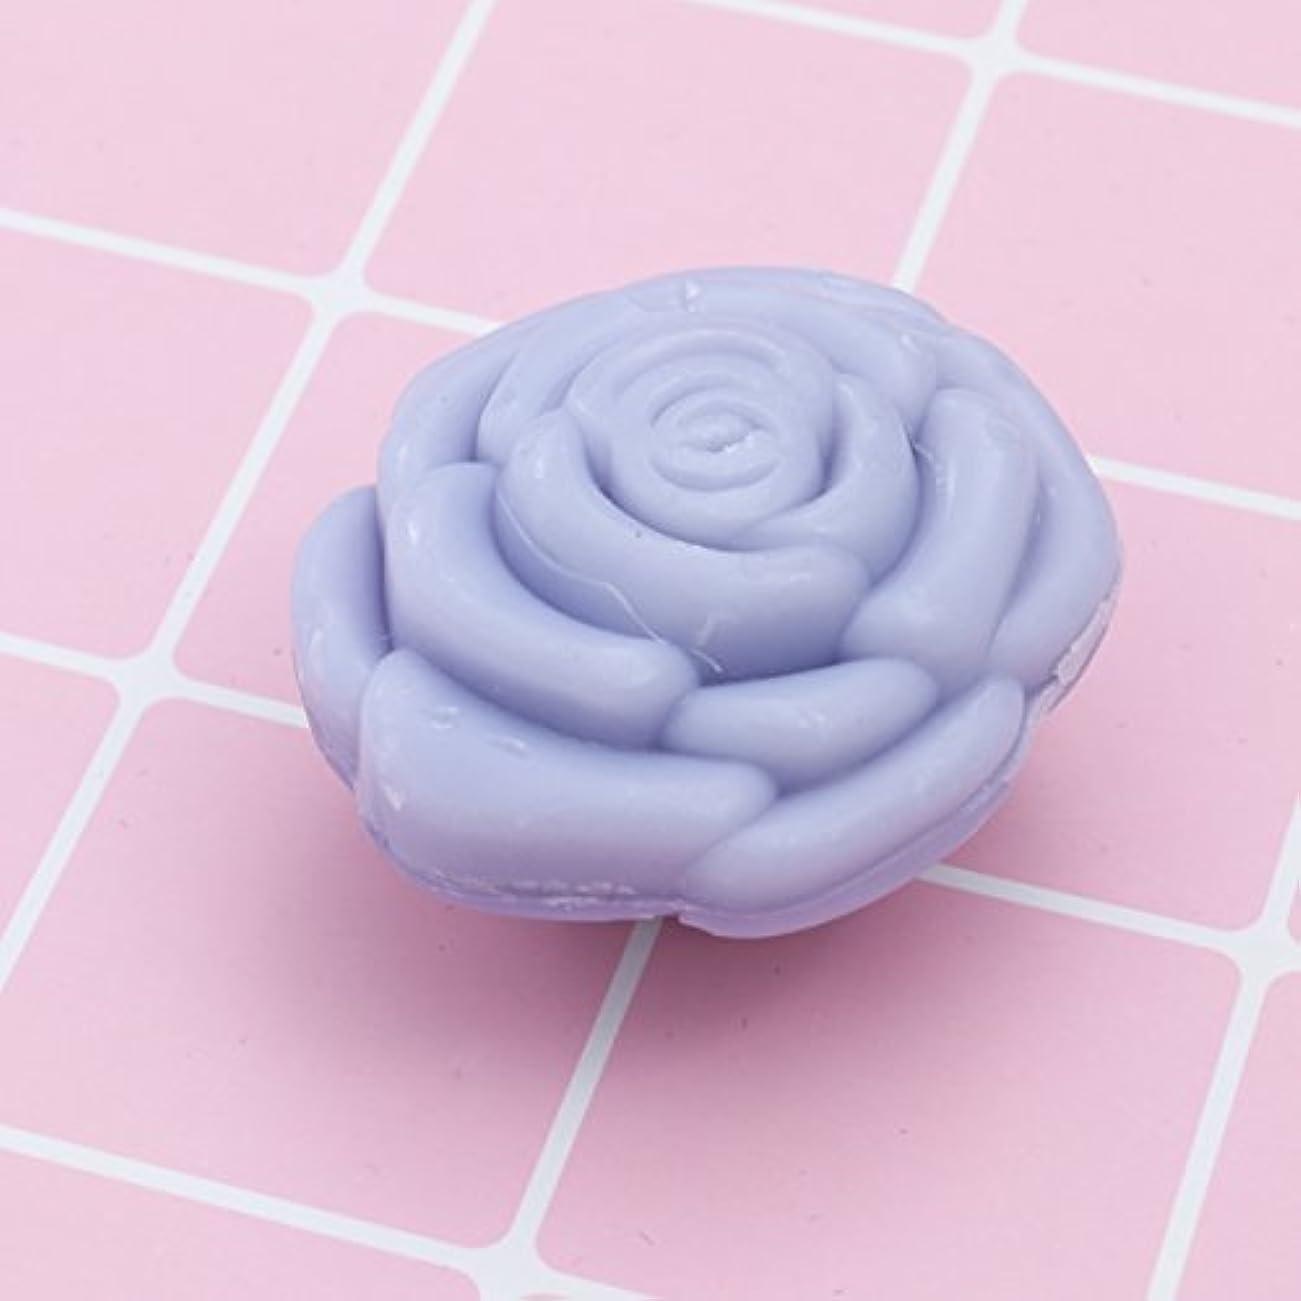 組半導体絶滅したAmosfun 手作り石鹸オイルローズフラワーソープアロマエッセンシャルオイルギフト記念日誕生日結婚式バレンタインデー(紫)20ピース